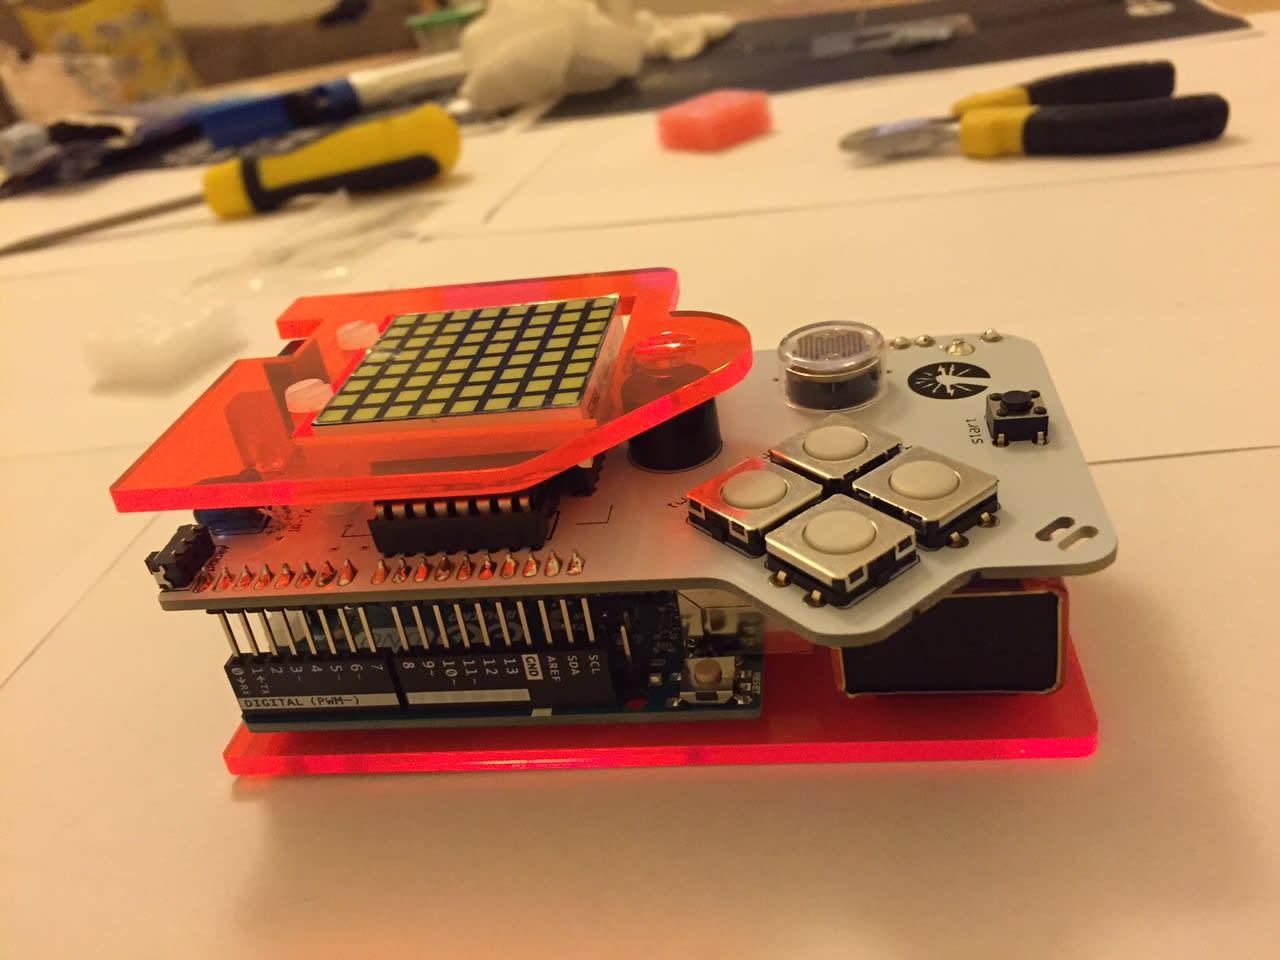 DIY Gamer Kit in plastic housing